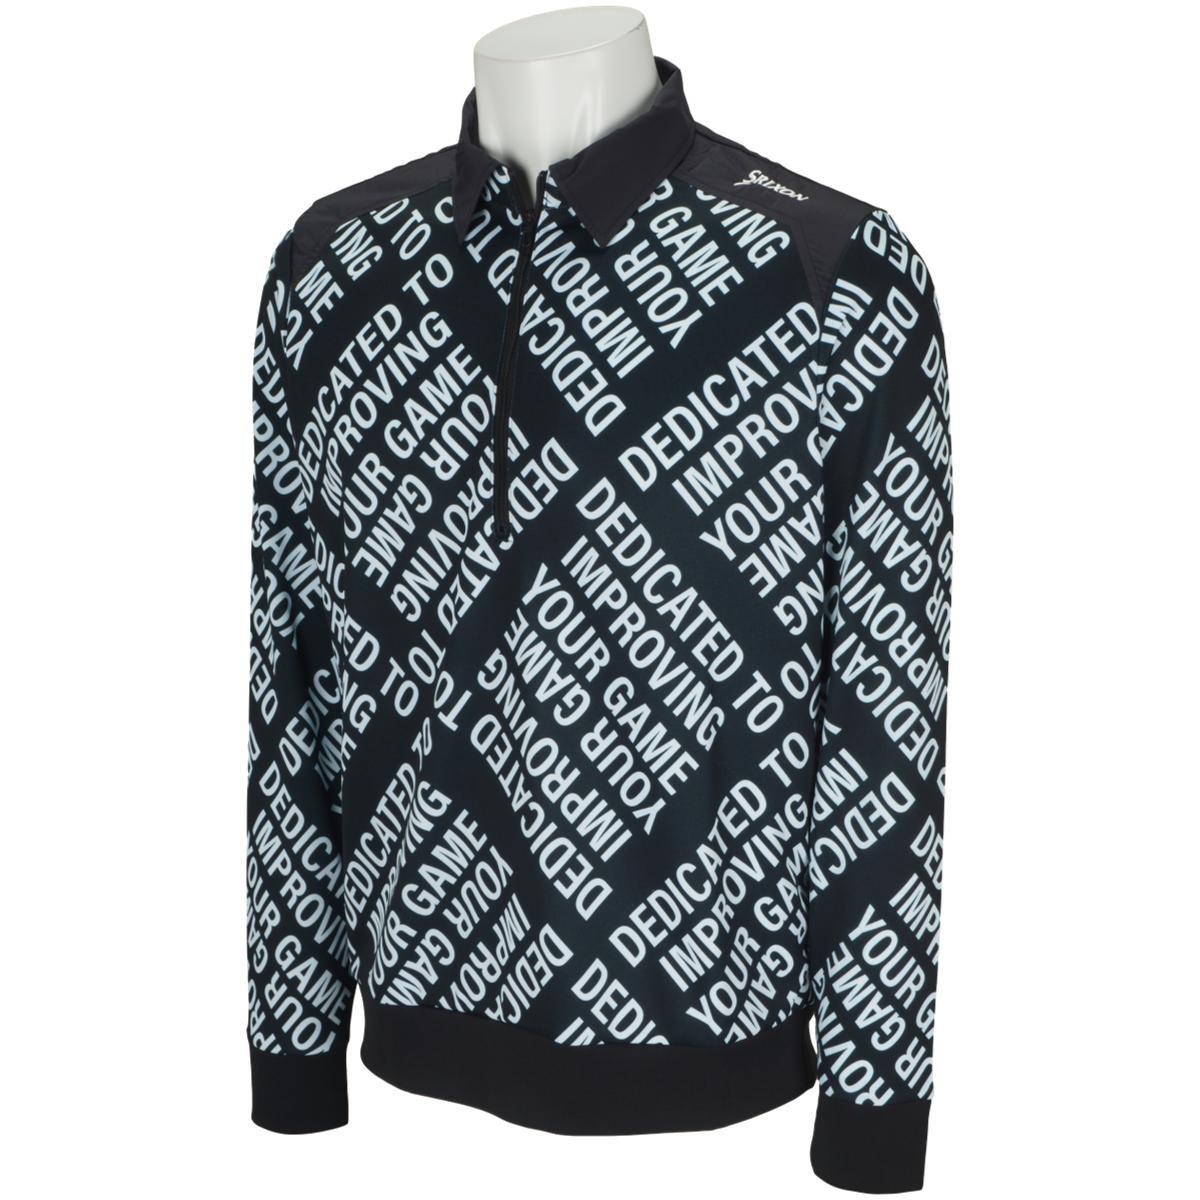 スリクソンゴルフ SRIXON ストレッチ 総柄タイポハイブリッドプロスタイル ジップアップ長袖シャツ M ブラック 00